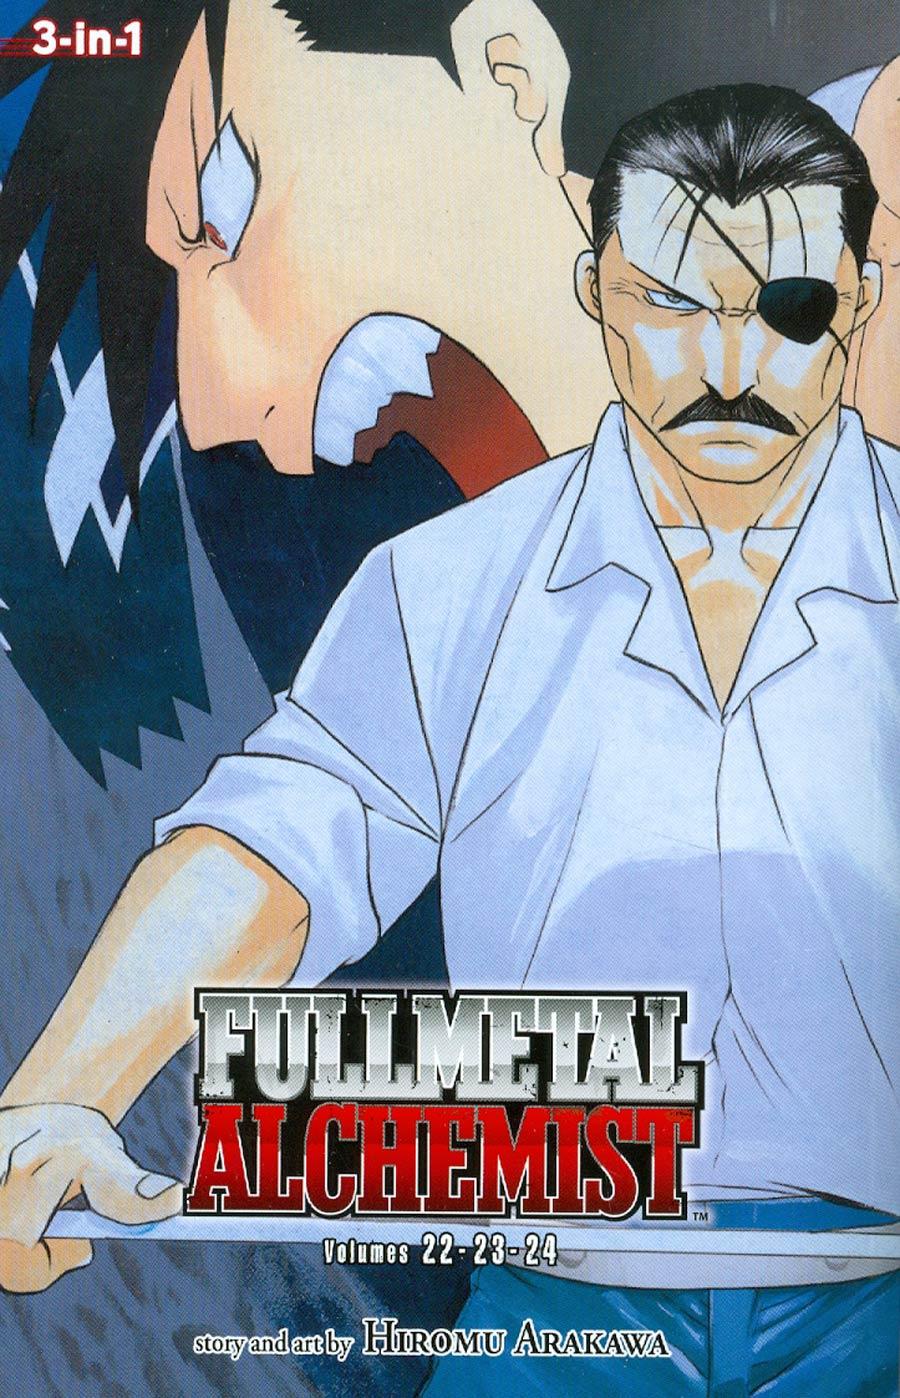 Fullmetal Alchemist 3-In-1 Edition Vols 22 - 23 - 24 TP